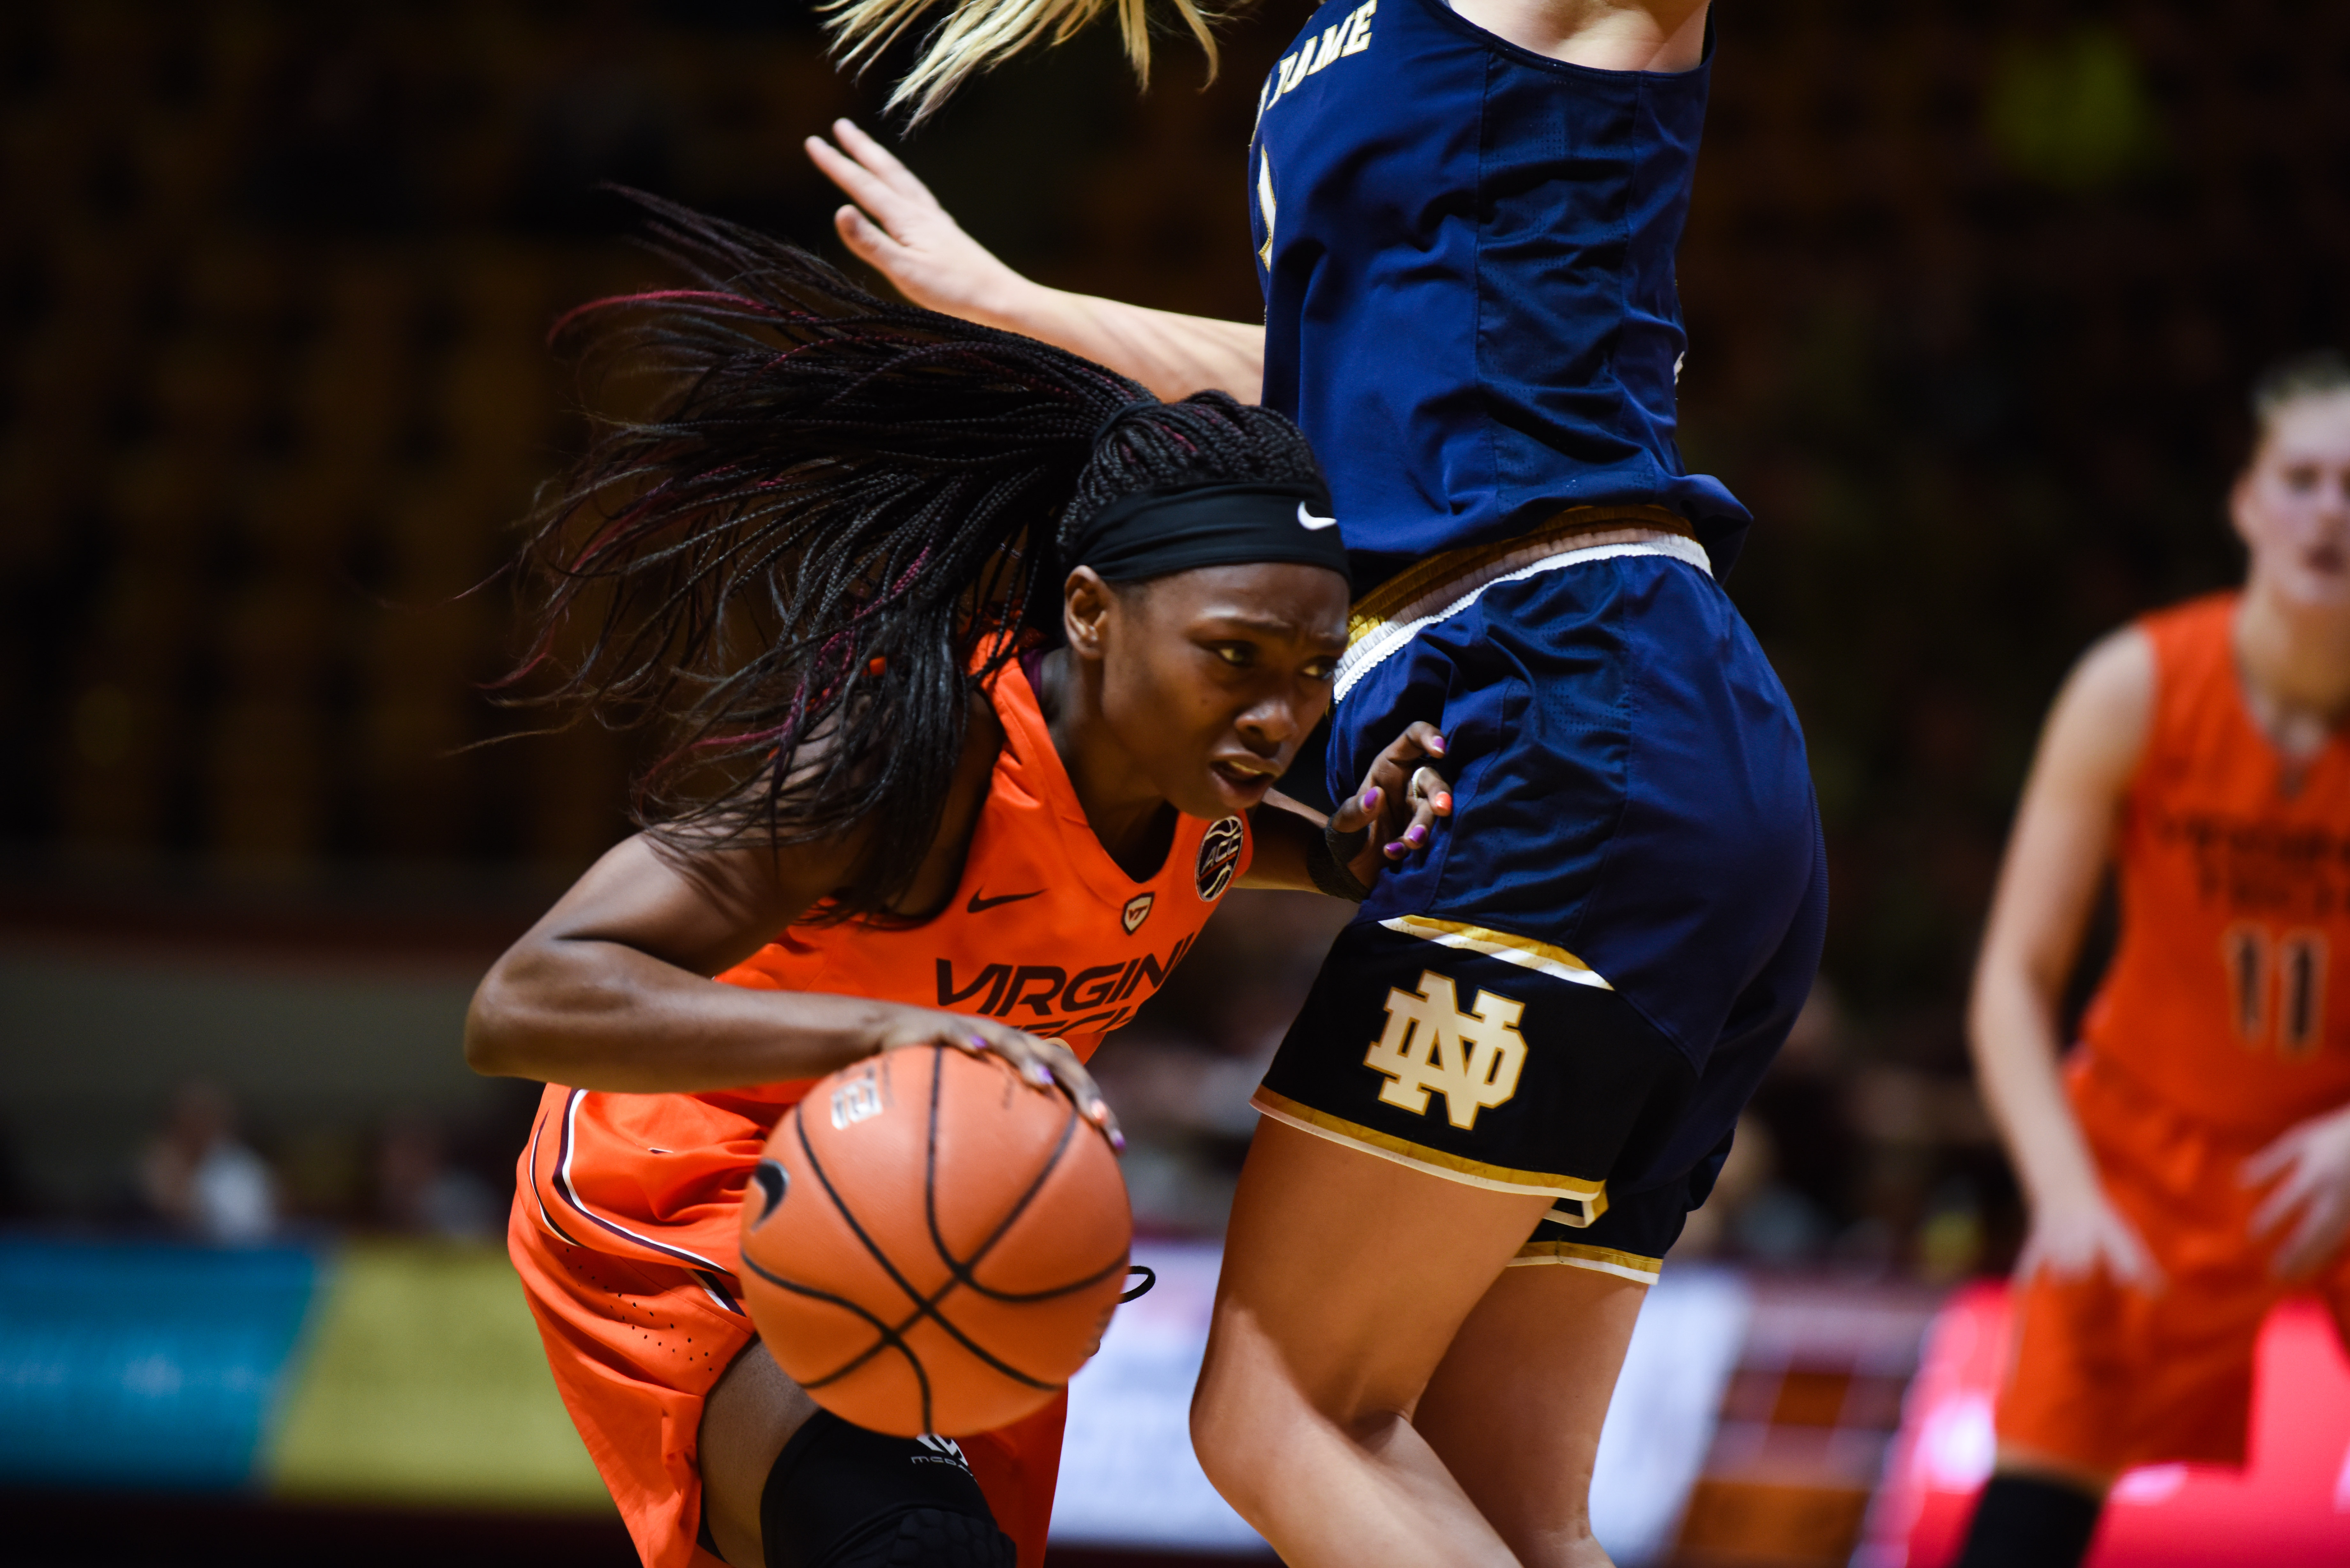 Virginia Tech women's basketball